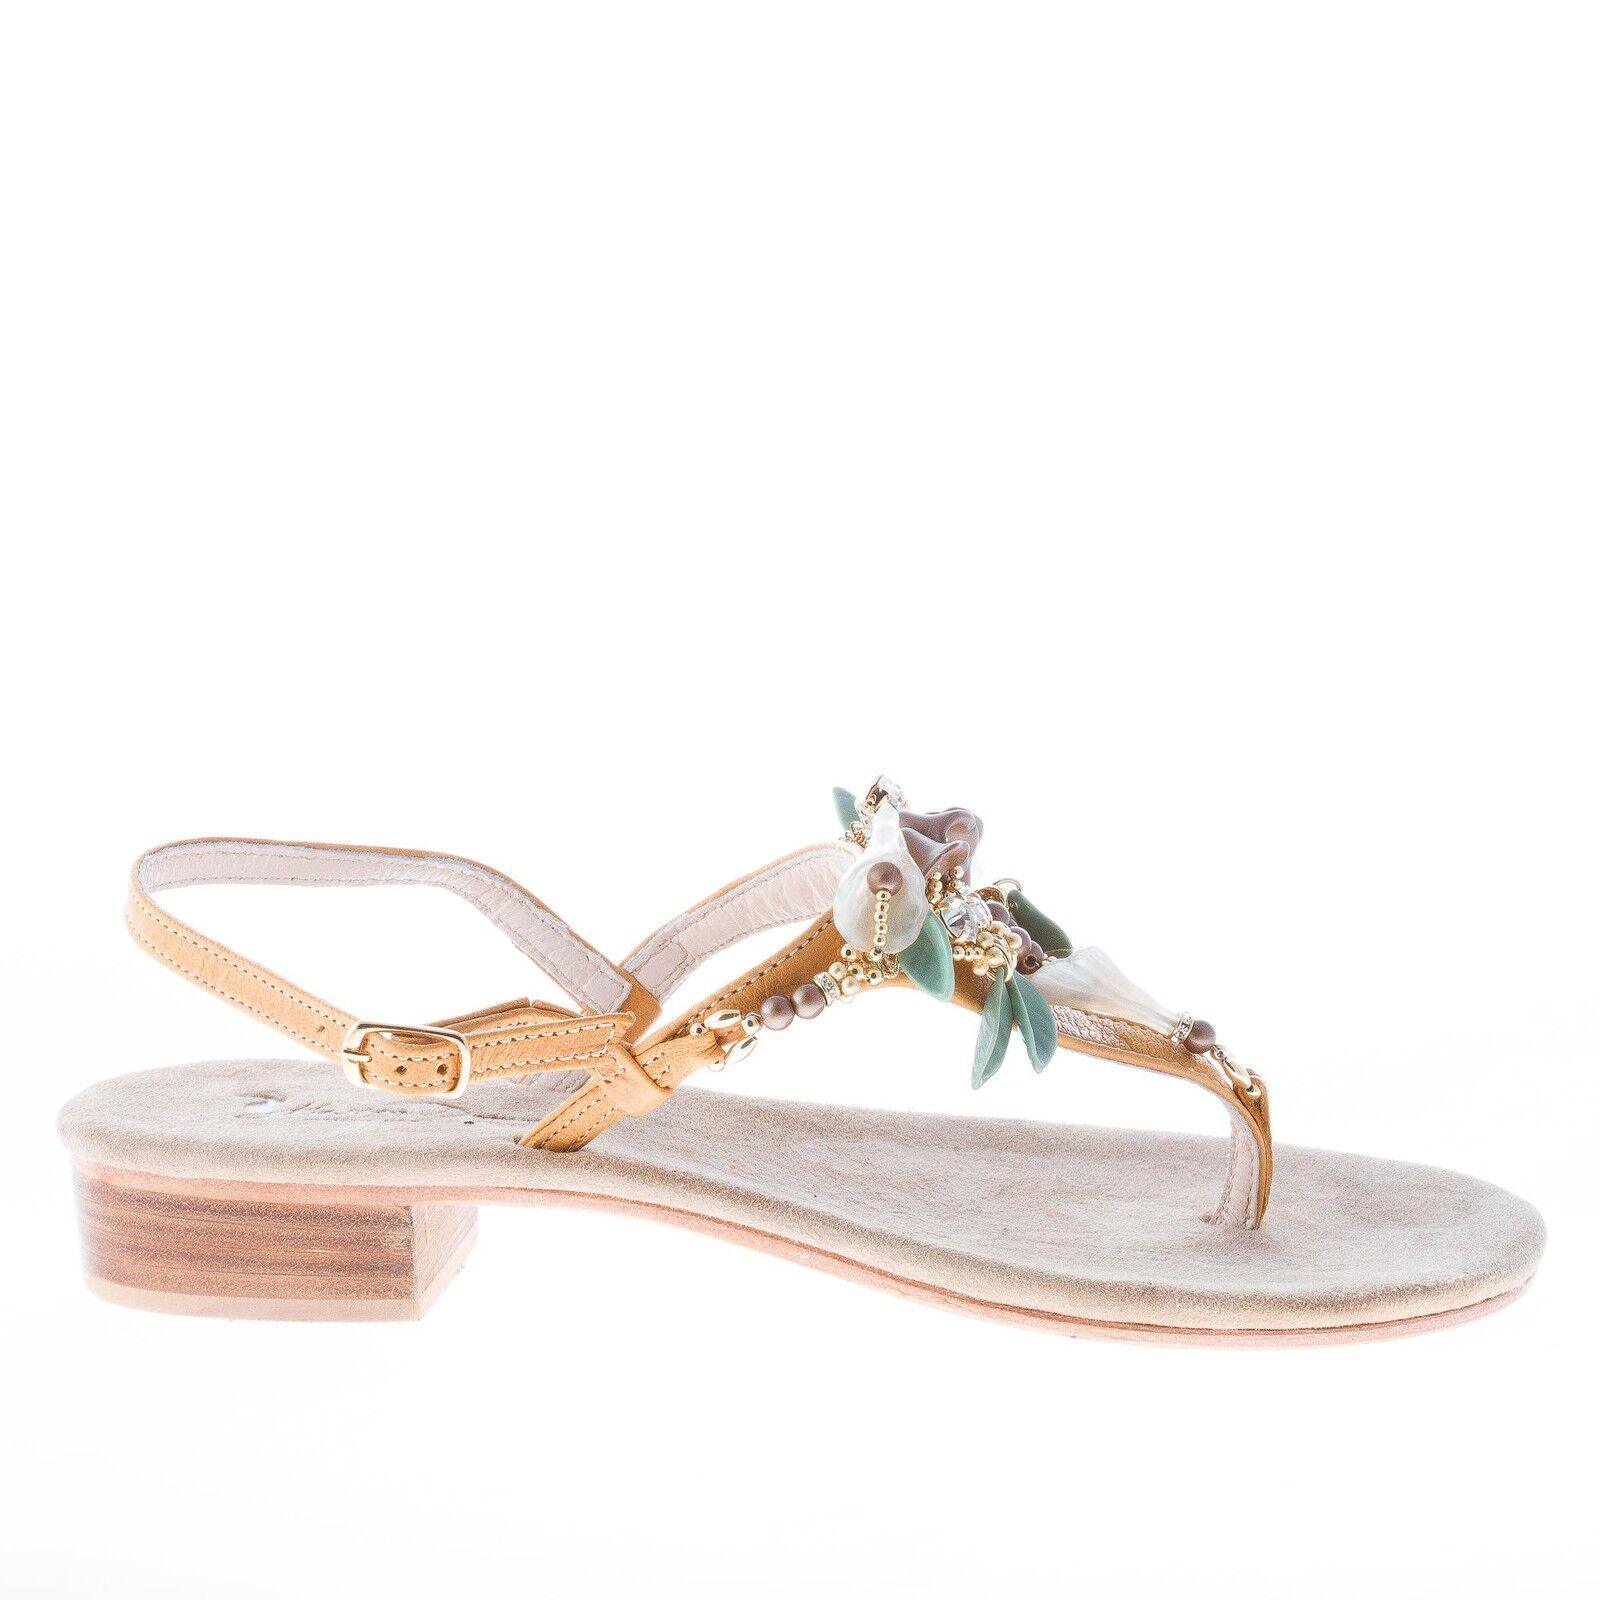 Mastrodomenico Scarpe Donna Scarpe Sandal Flip Flops Positano Mustard  e gioiello  consegna veloce